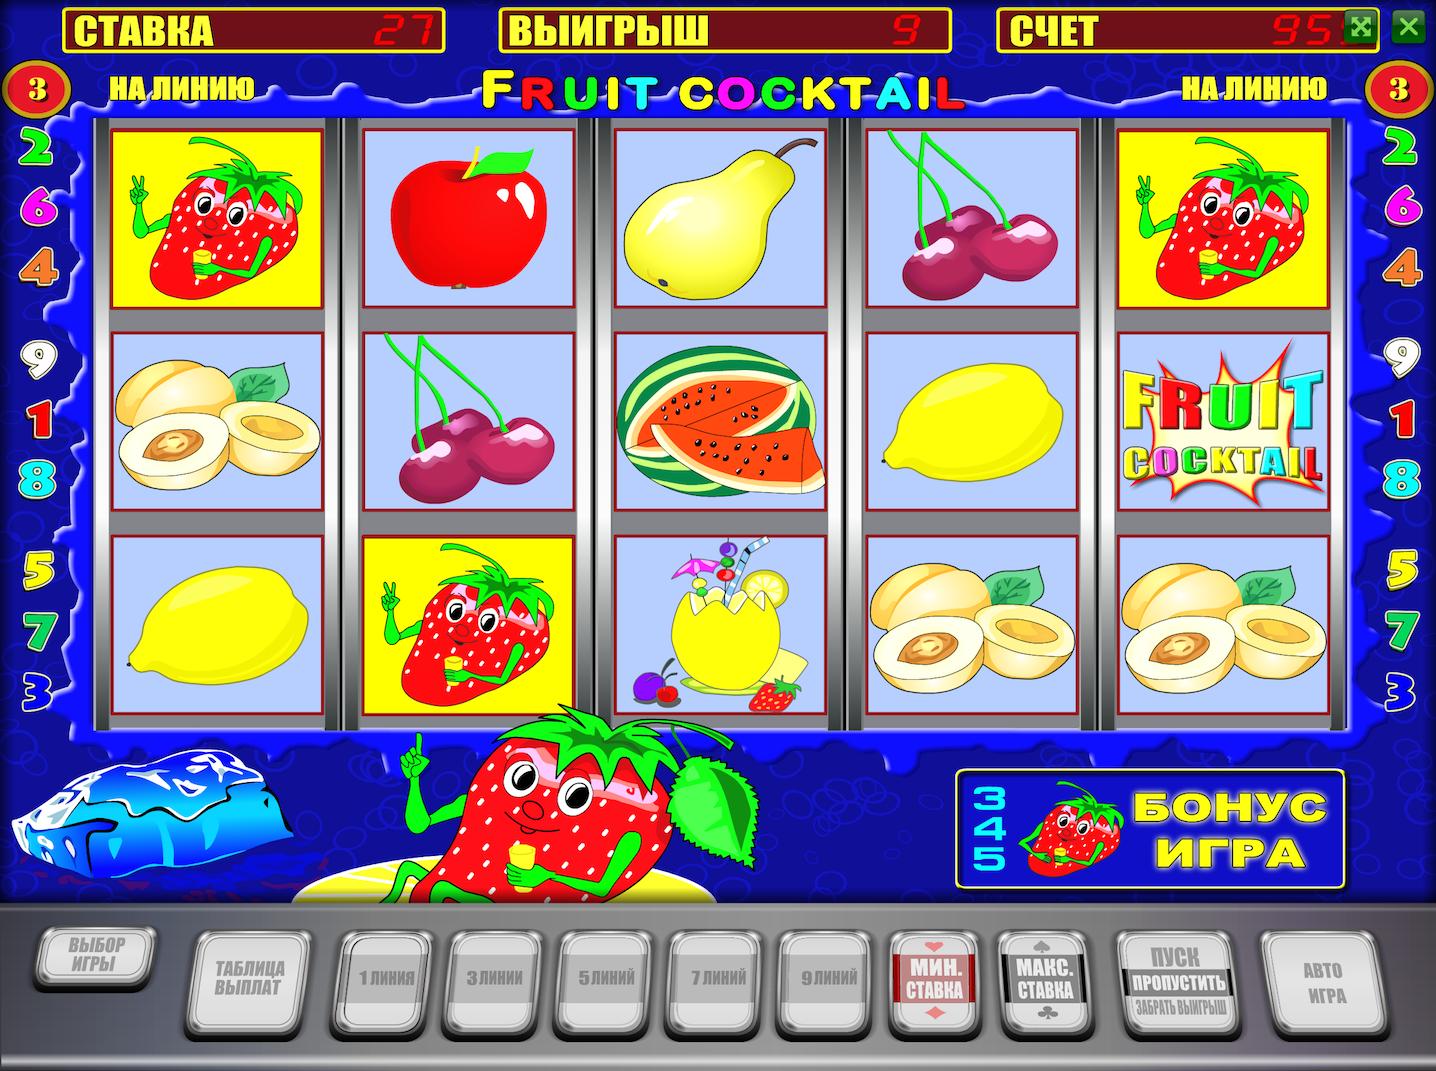 казино вулкан игровые автоматы играть на деньги без регистрации